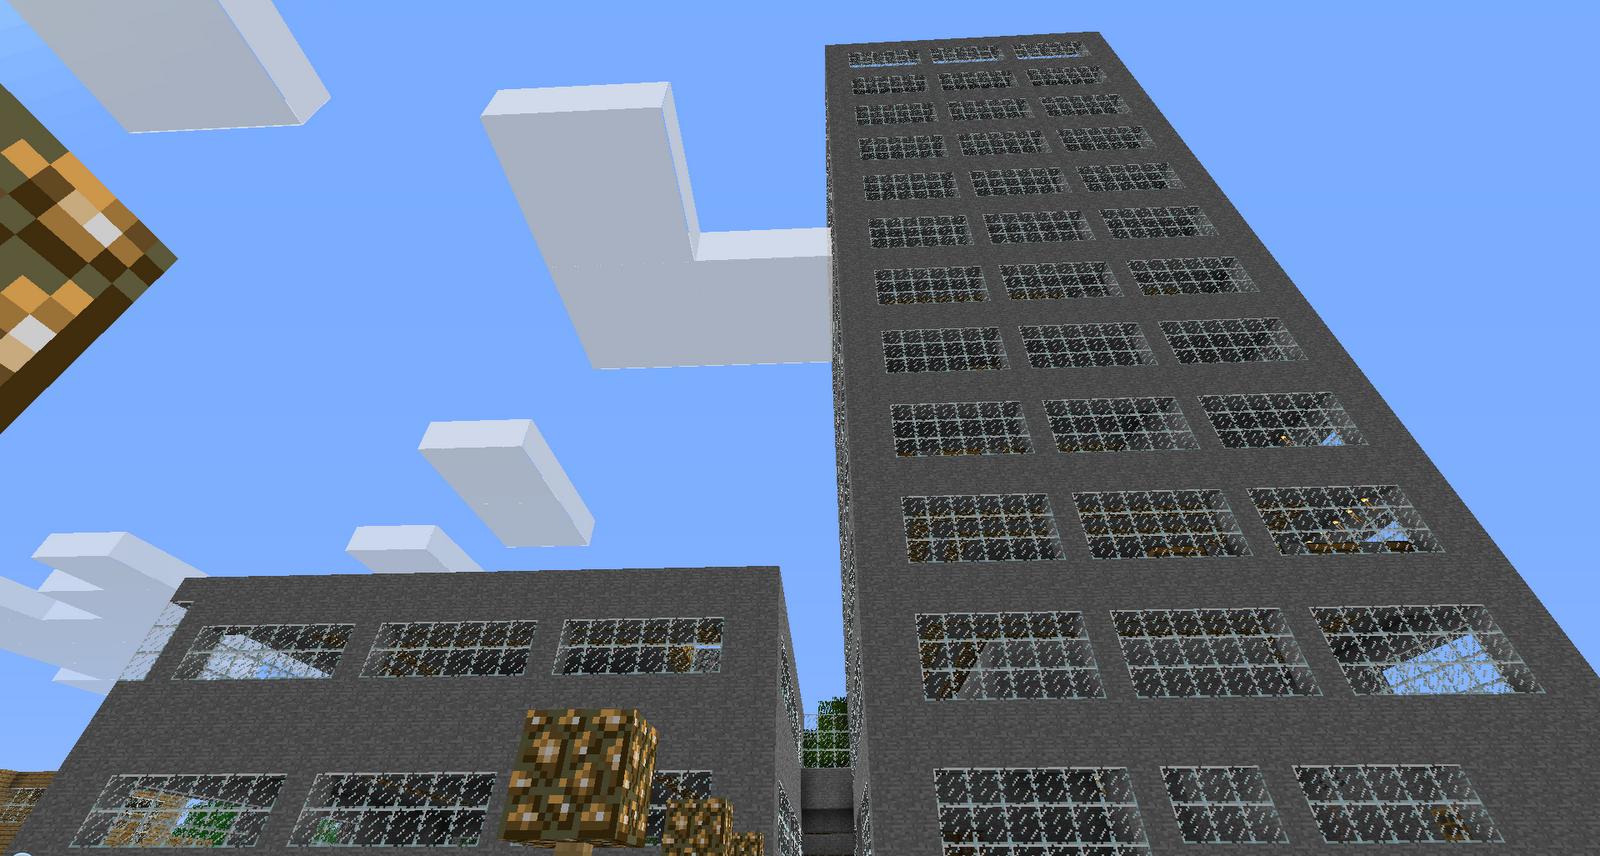 http://2.bp.blogspot.com/--4xaAk5hO7o/TZZ_F6ajGHI/AAAAAAAAAZI/eC3_OyHsZLw/s1600/minecraft+big+building.png